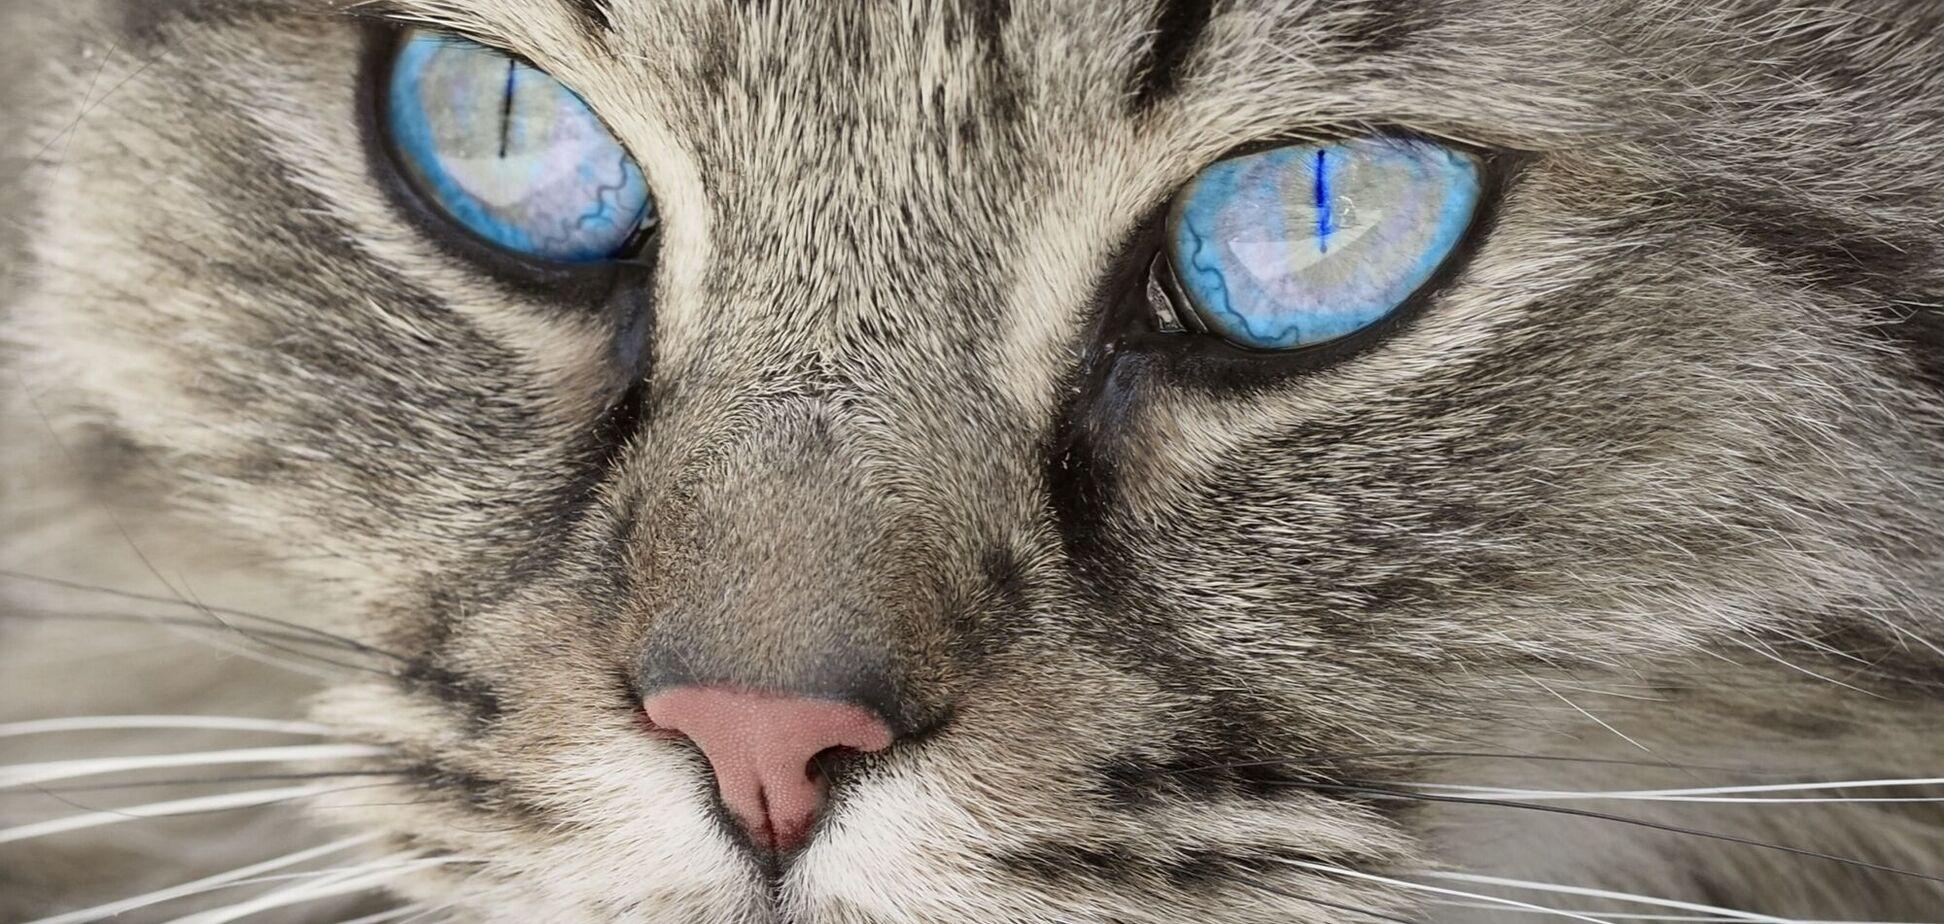 Кішка з 'людським обличчям' здивувала мережу